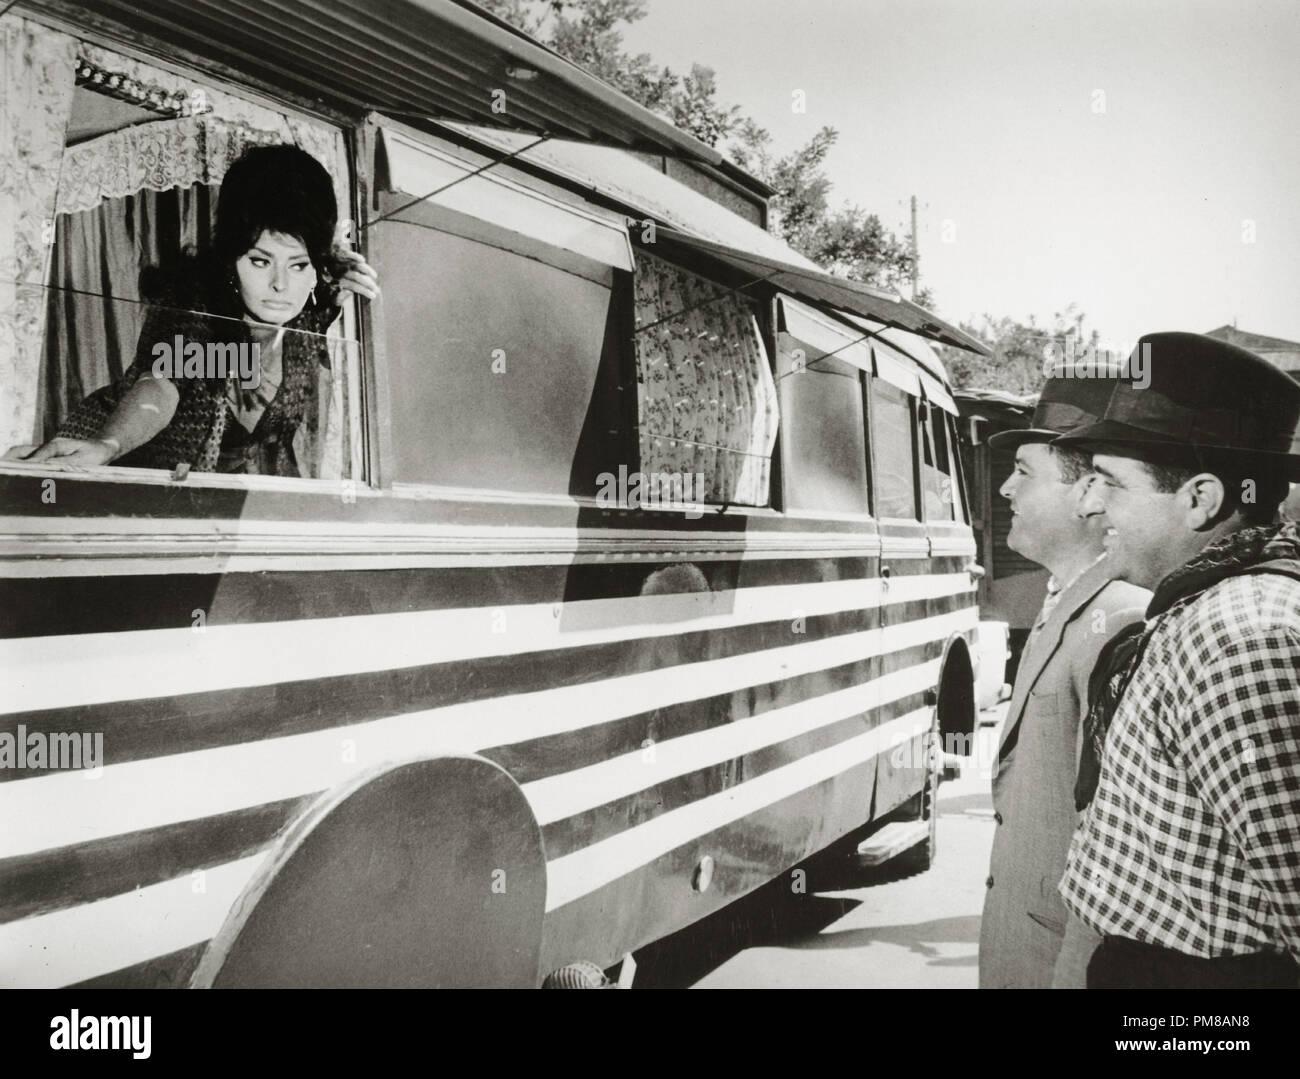 Sophia Loren, 'Boccaccio '70' 1962 File Reference # 31780_848 - Stock Image